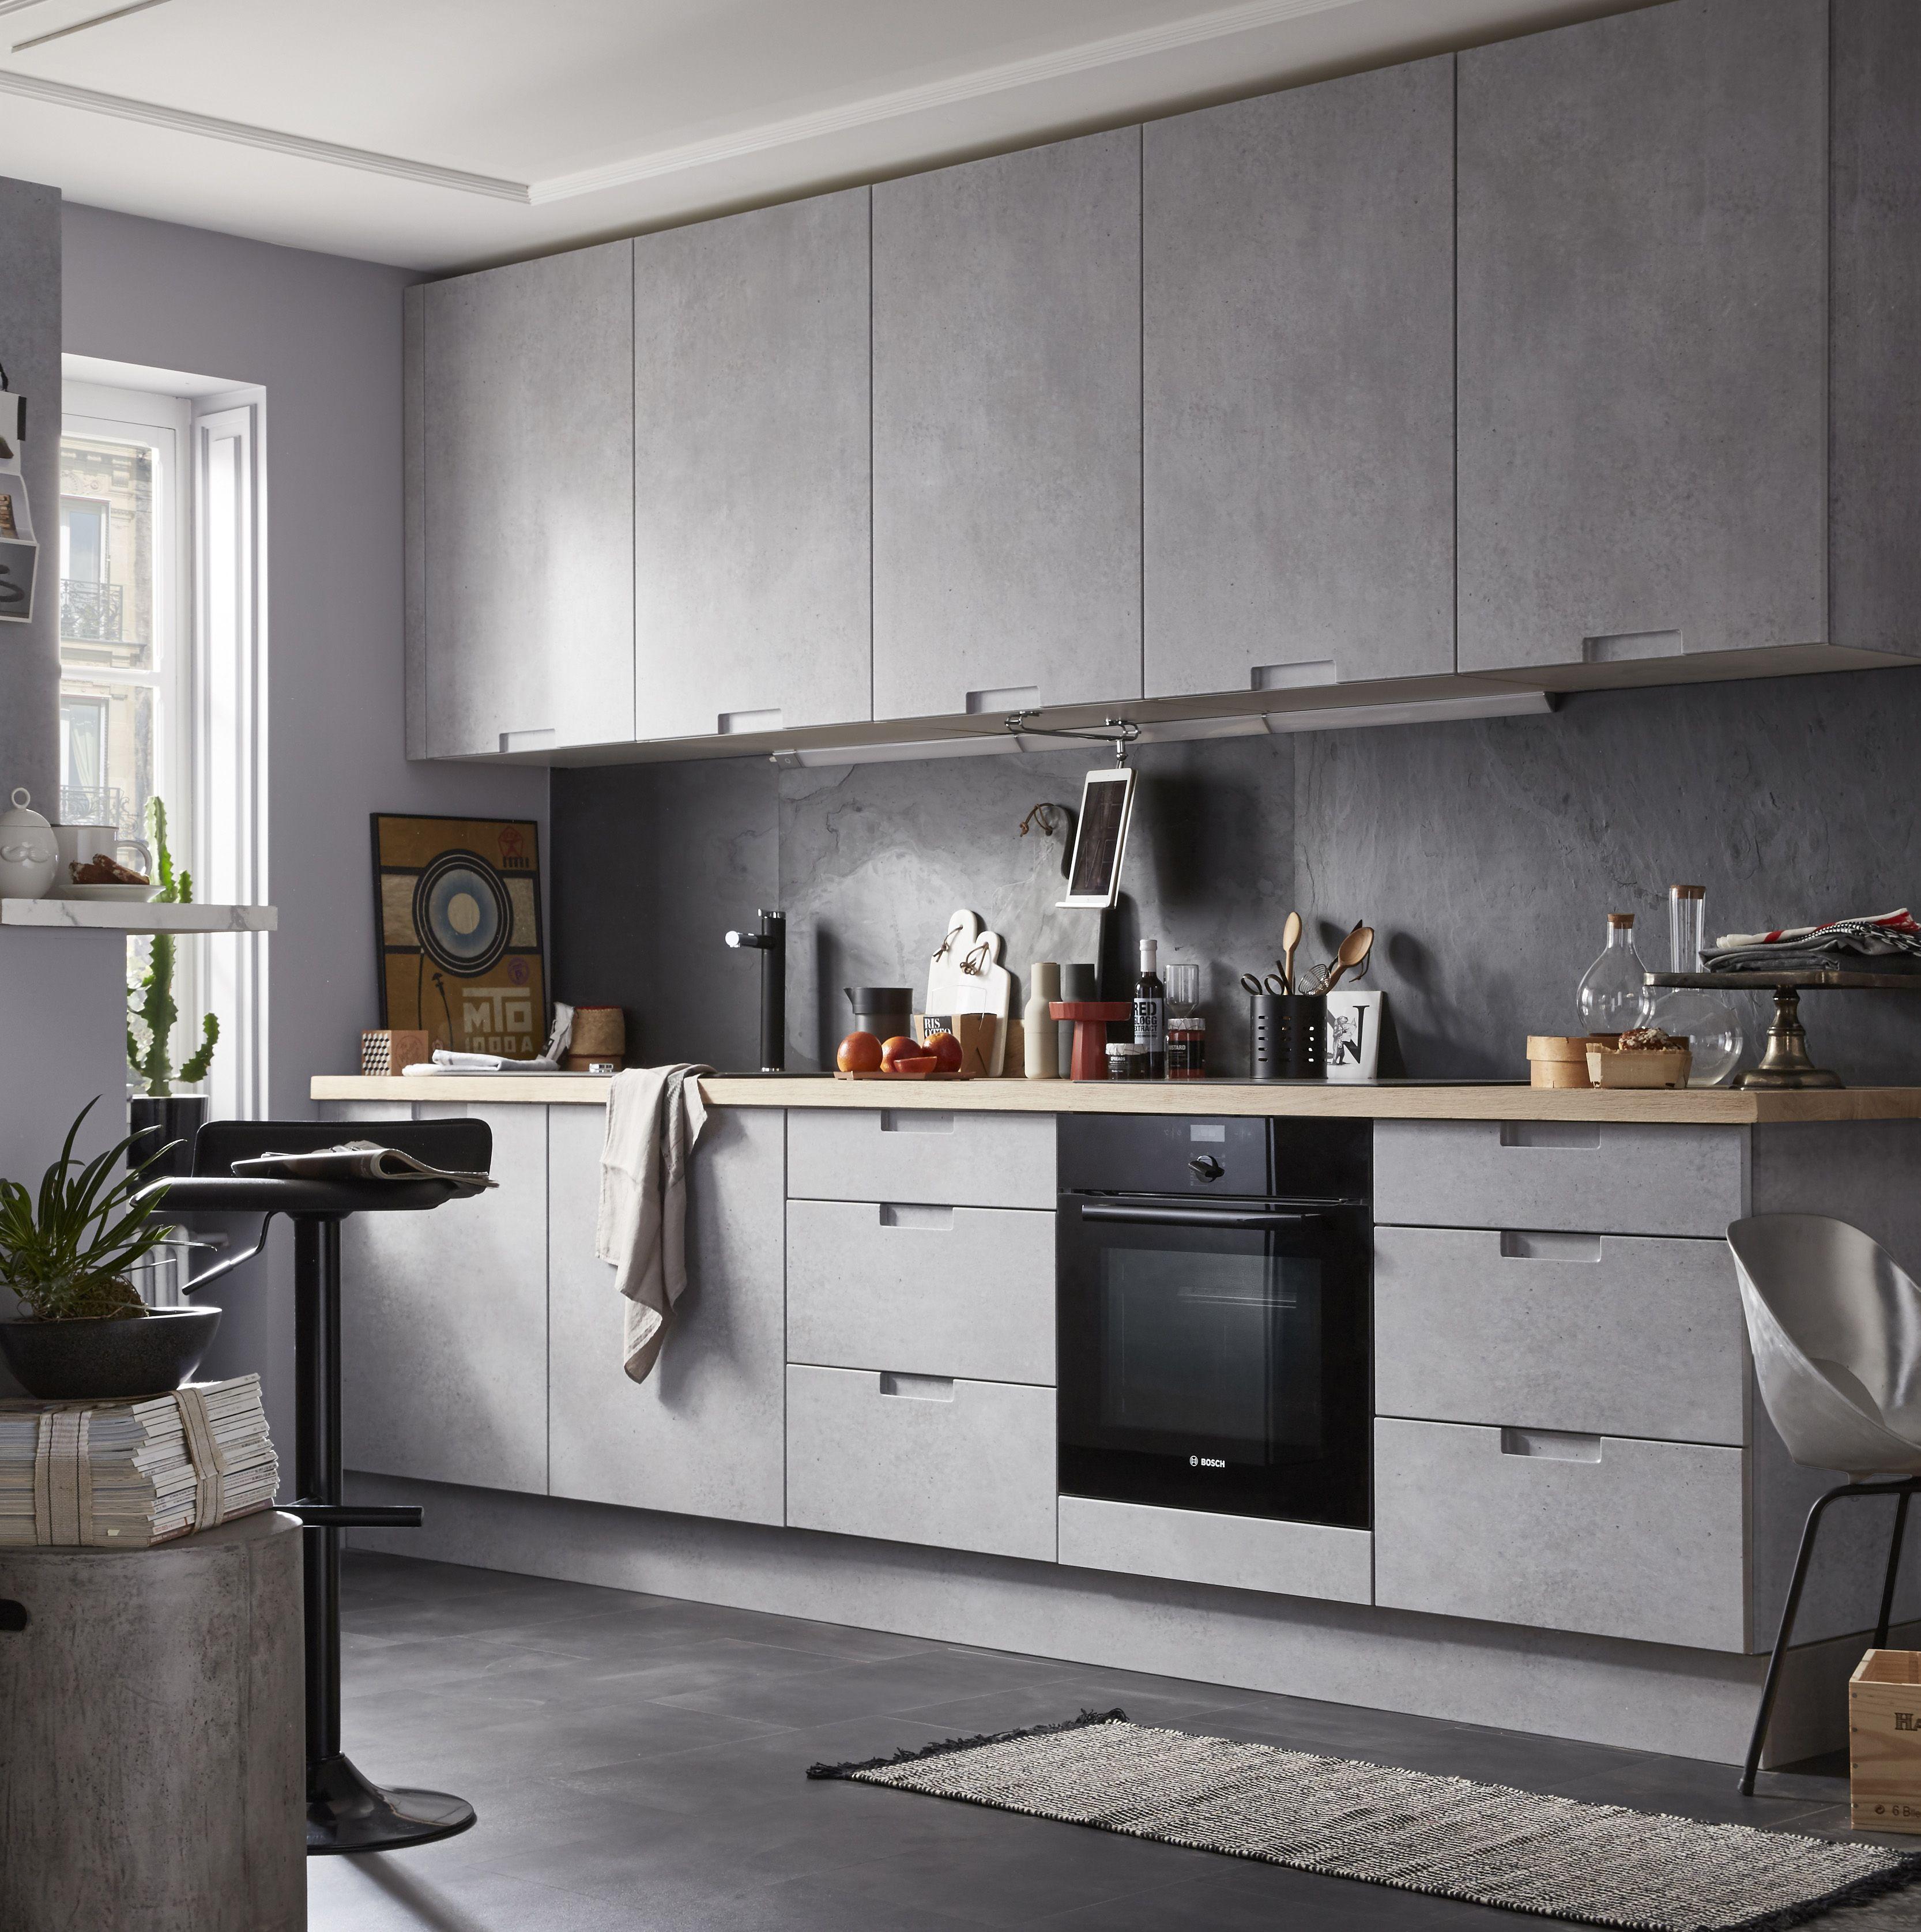 cuisine moderne effet beton gris : equipée modèle delinia berlin